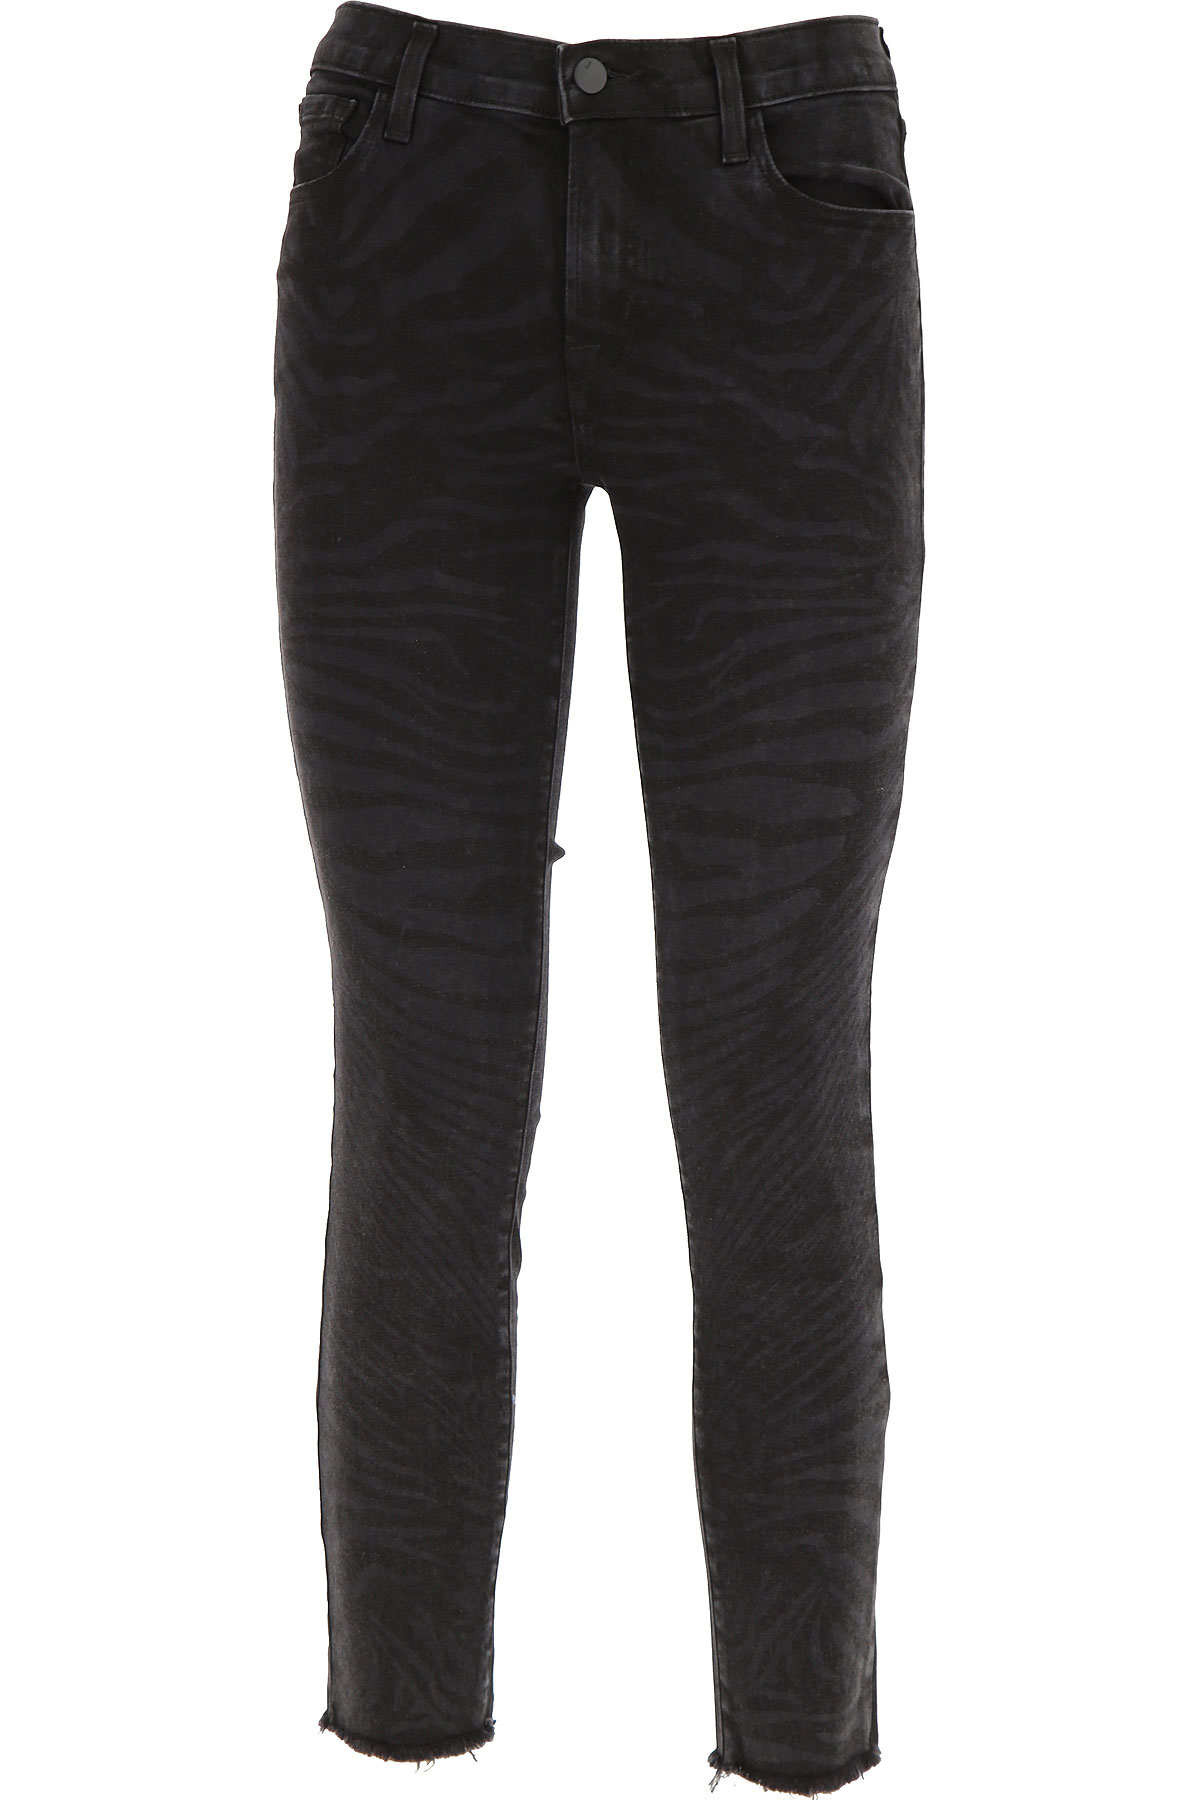 Dondup Jeans, Black, Cotton, 2019, 24 25 30 31